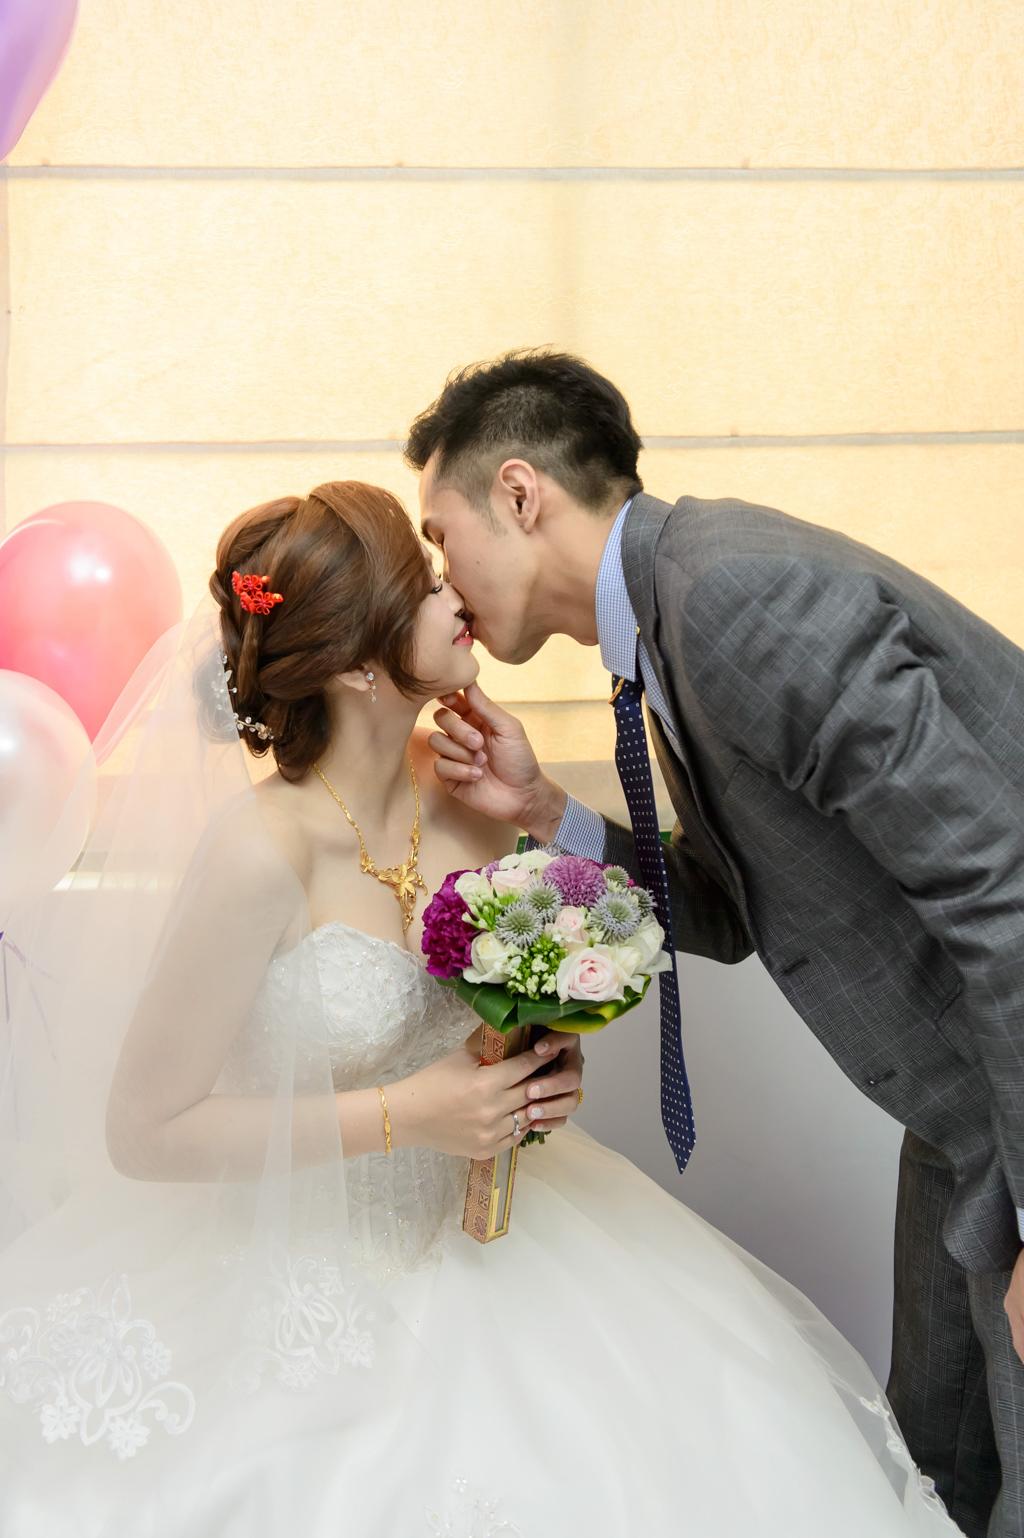 婚攝小勇,小寶團隊, 華麗雅緻, 華麗雅緻婚宴, 華麗雅緻婚攝, 新竹婚攝, Raeka, wedding day-048